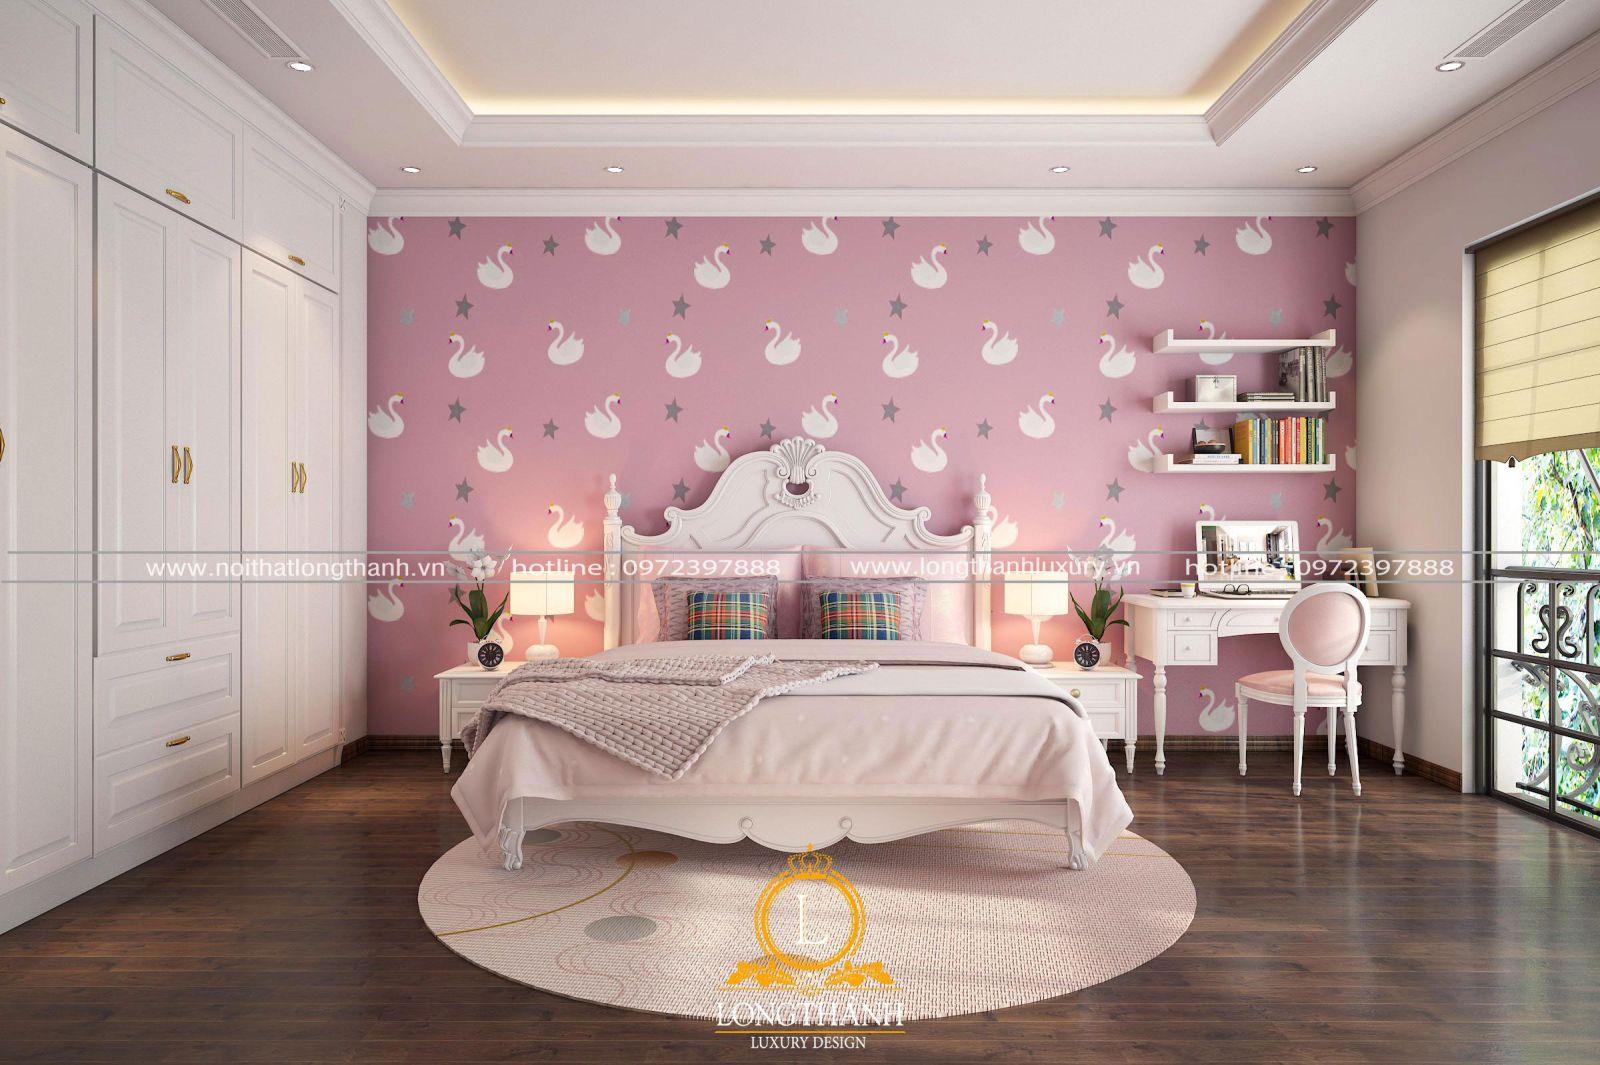 Phòng ngủ bé gái màu sắc trắng hồng